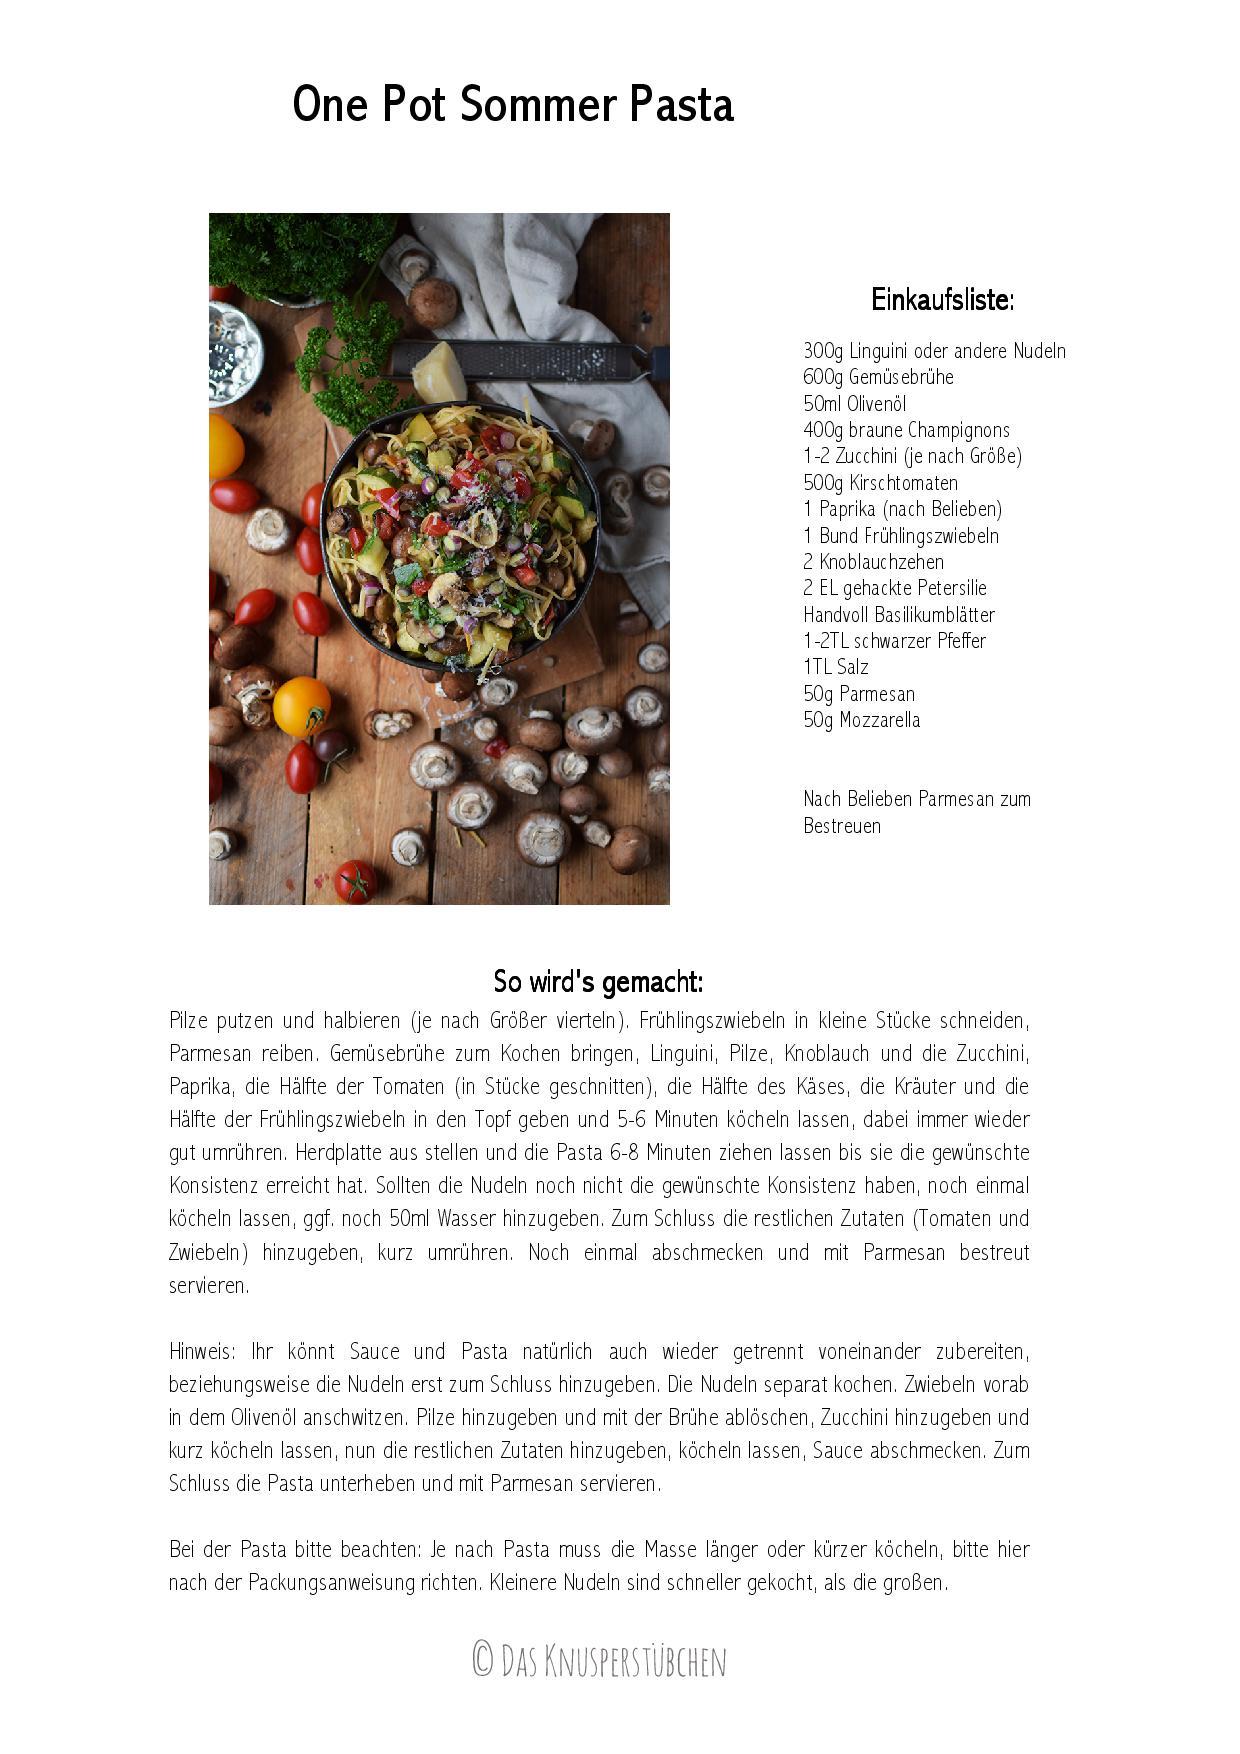 One Pot Sommer Pasta Rezept-001